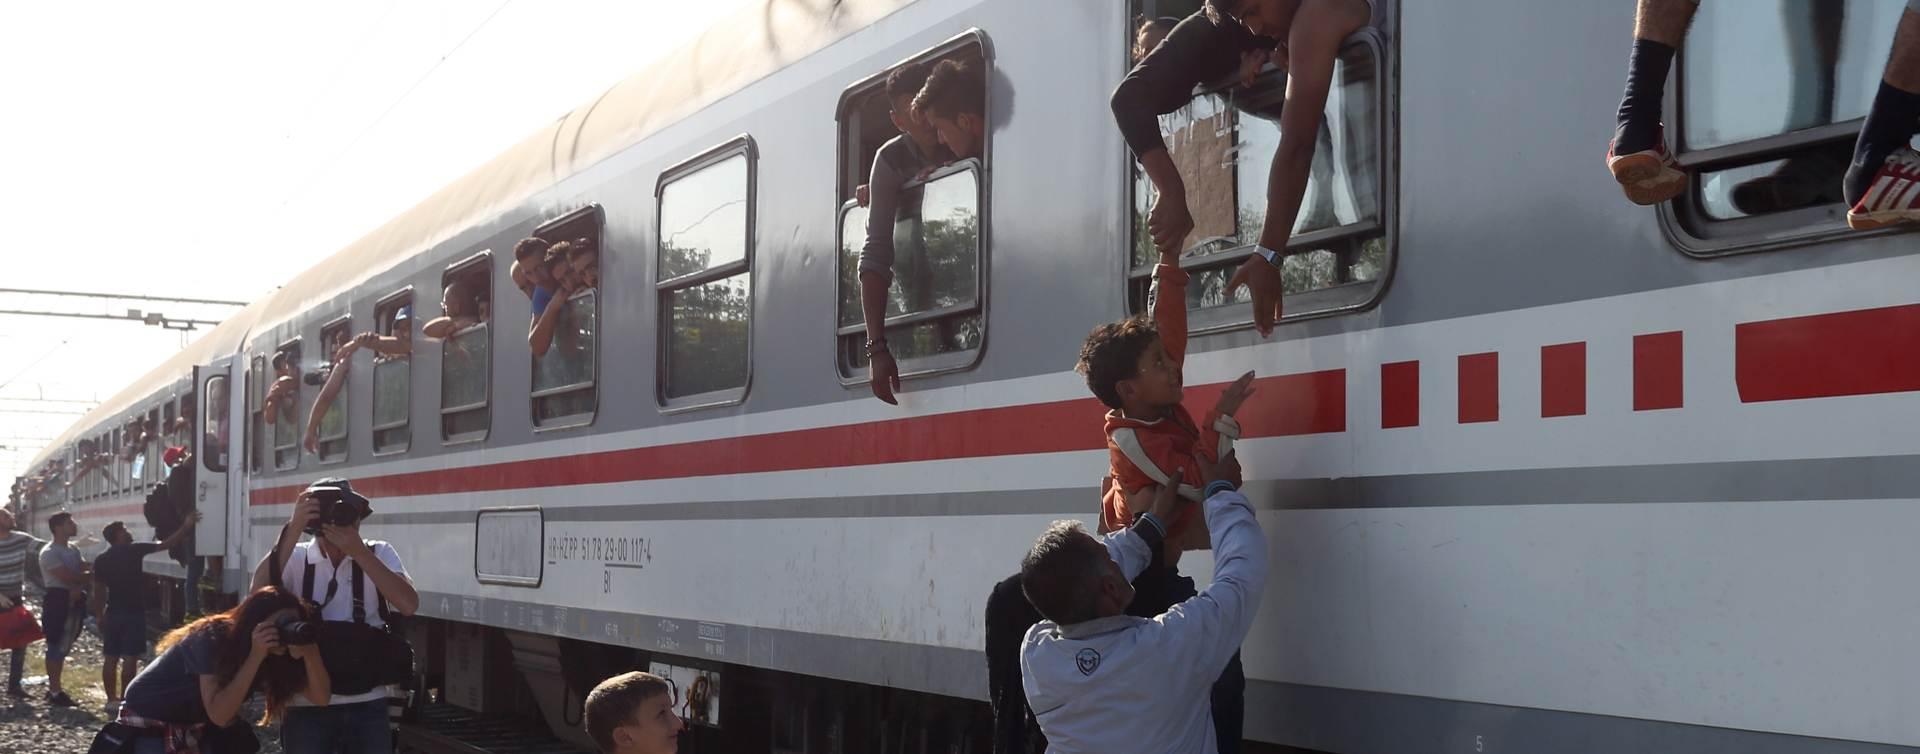 VIDEO UŽIVO: Hrvatska prestala popisivati izbjeglice, besplatno ih prevoze do granice